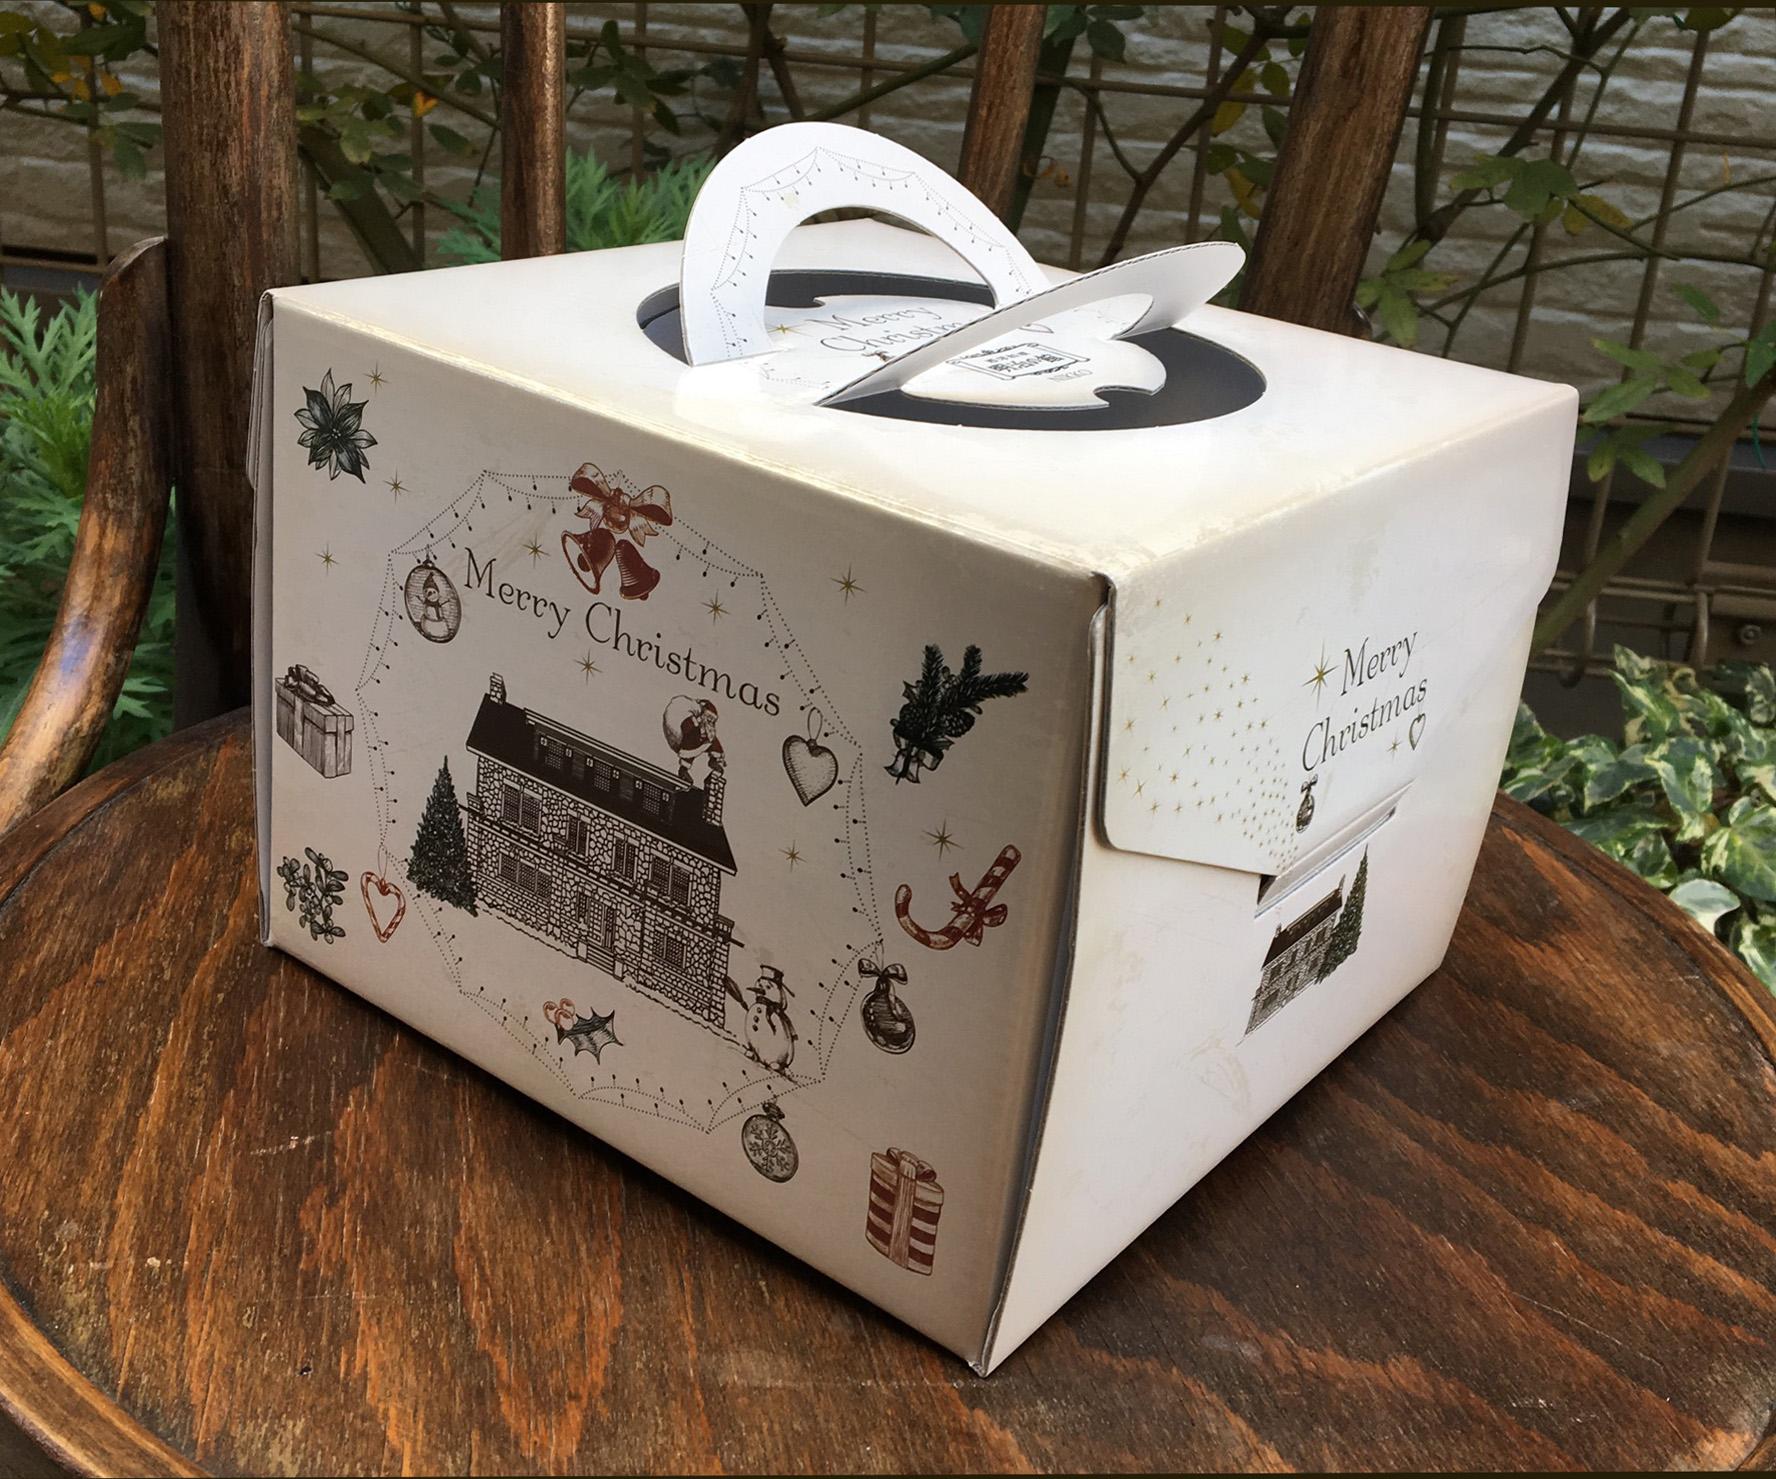 明治の館 クリスマスケーキの箱デザイン